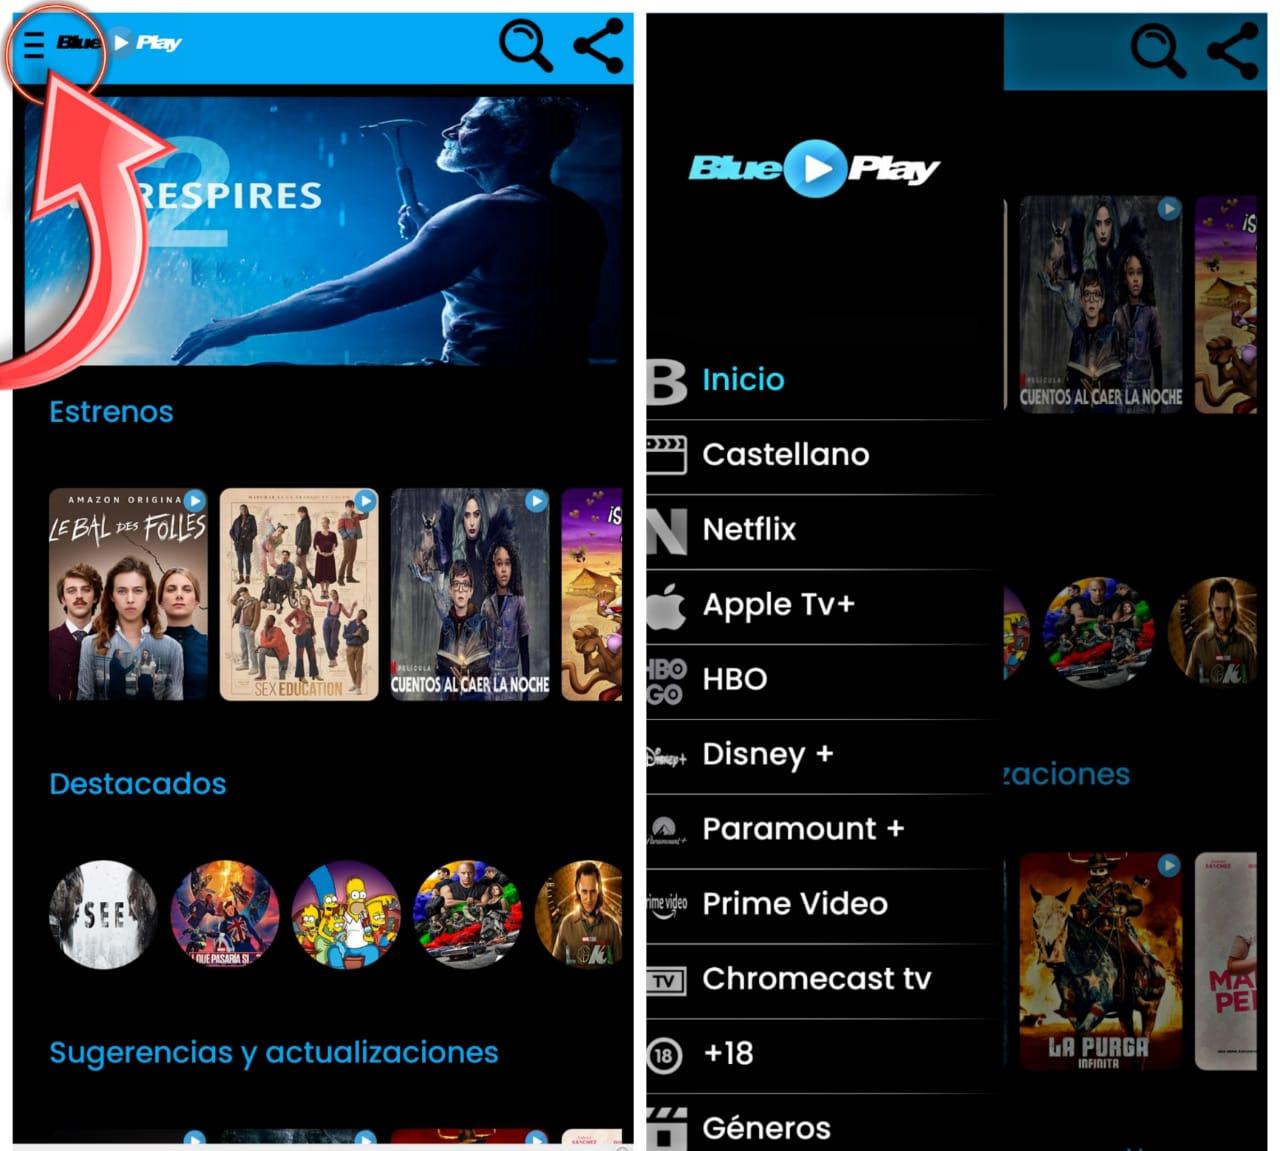 BLUEPLAY: Mejor Aplicación Para Ver Películas GRATIS